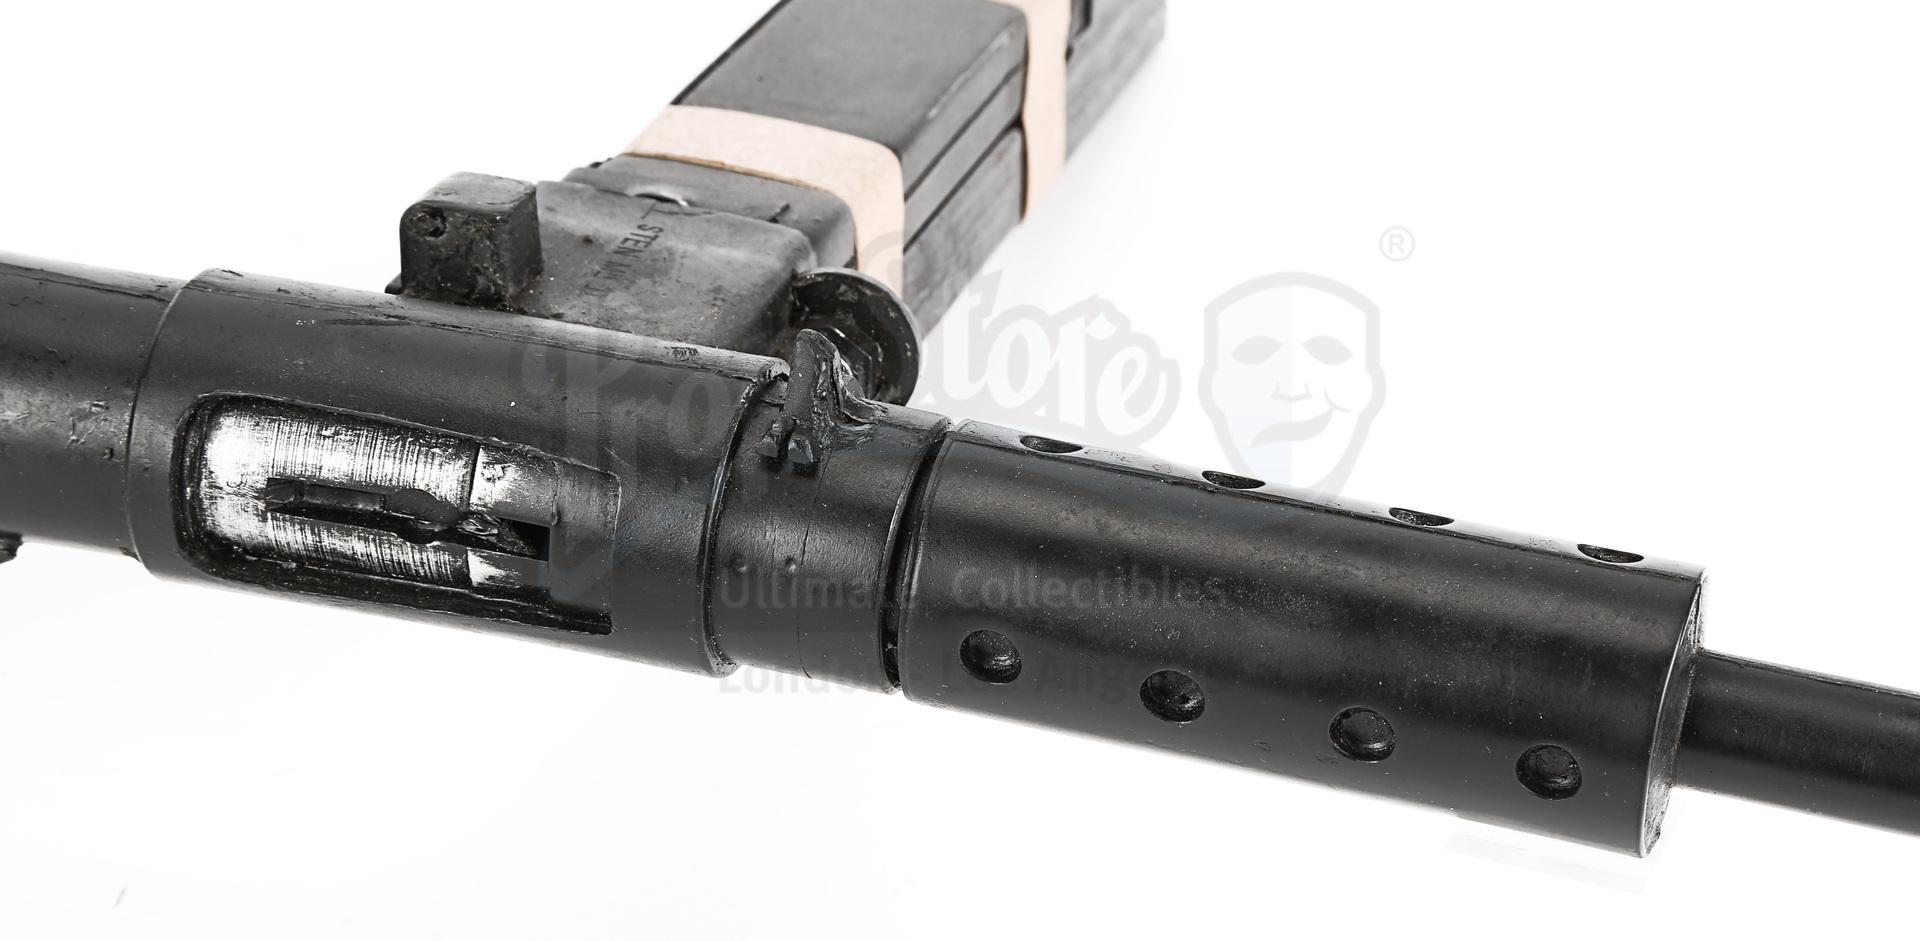 ALLIED (2016) - Max's (Brad Pitt) Sten Submachine Gun - Image 8 of 15